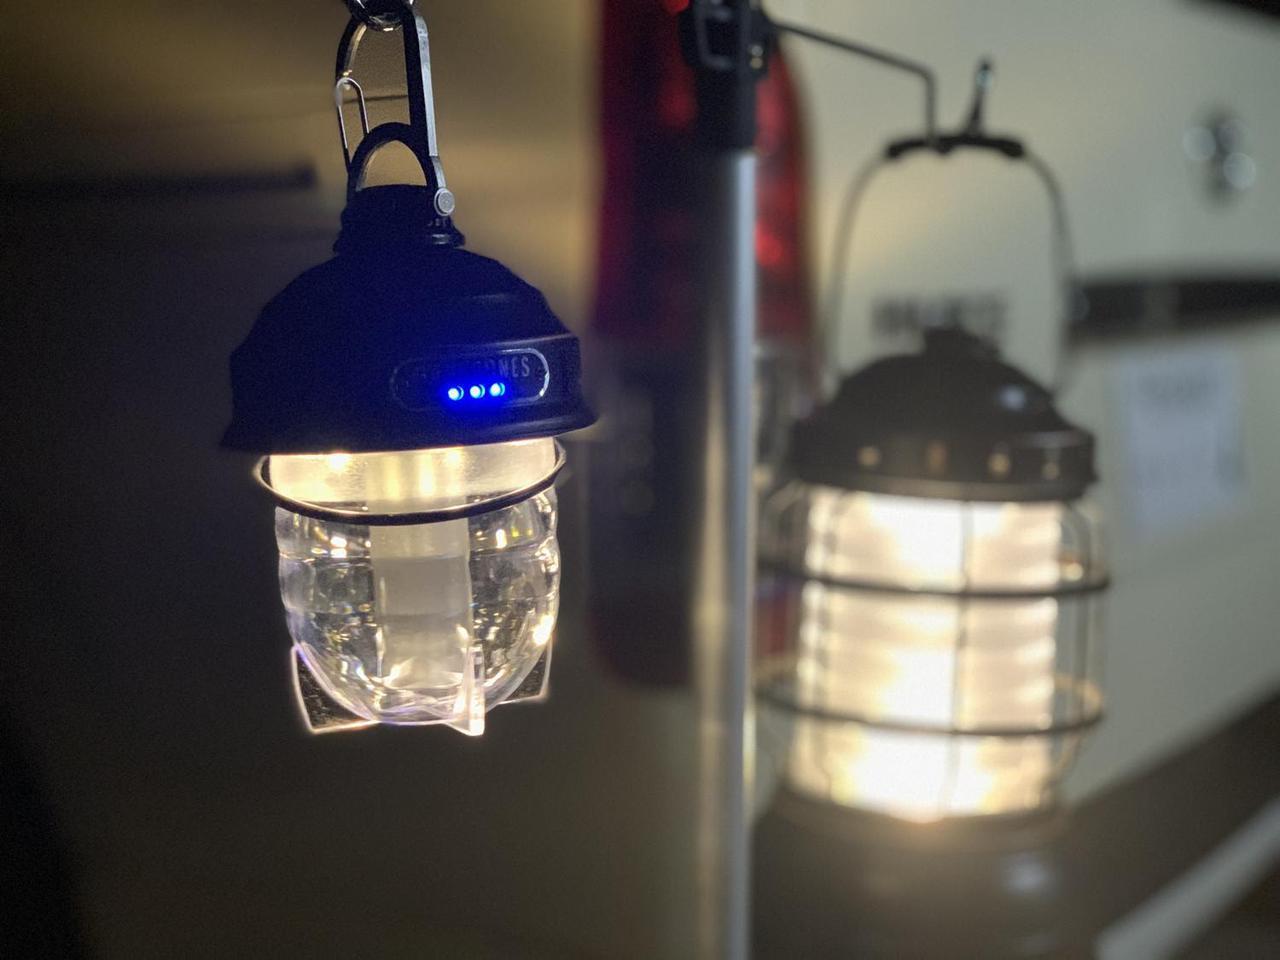 画像: キャンプにおすすめのLEDランタン キャンプサイトをおしゃれに照らすランタン4選 - ハピキャン(HAPPY CAMPER)